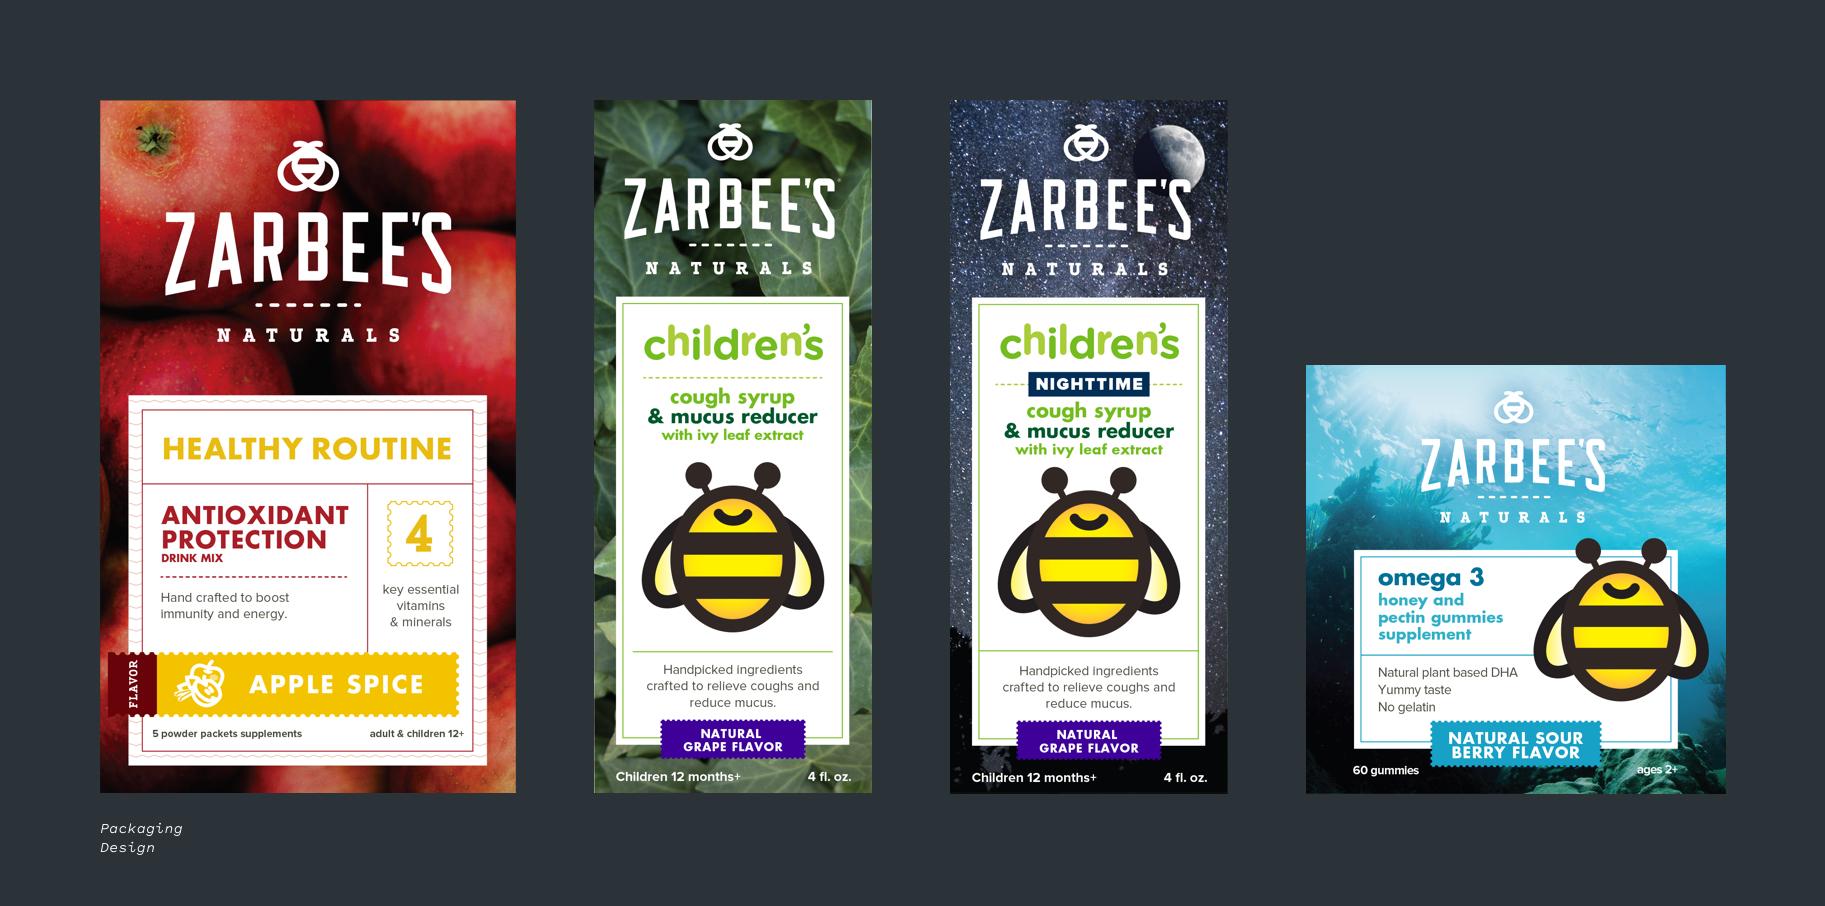 Zarbee's Naturals packaging